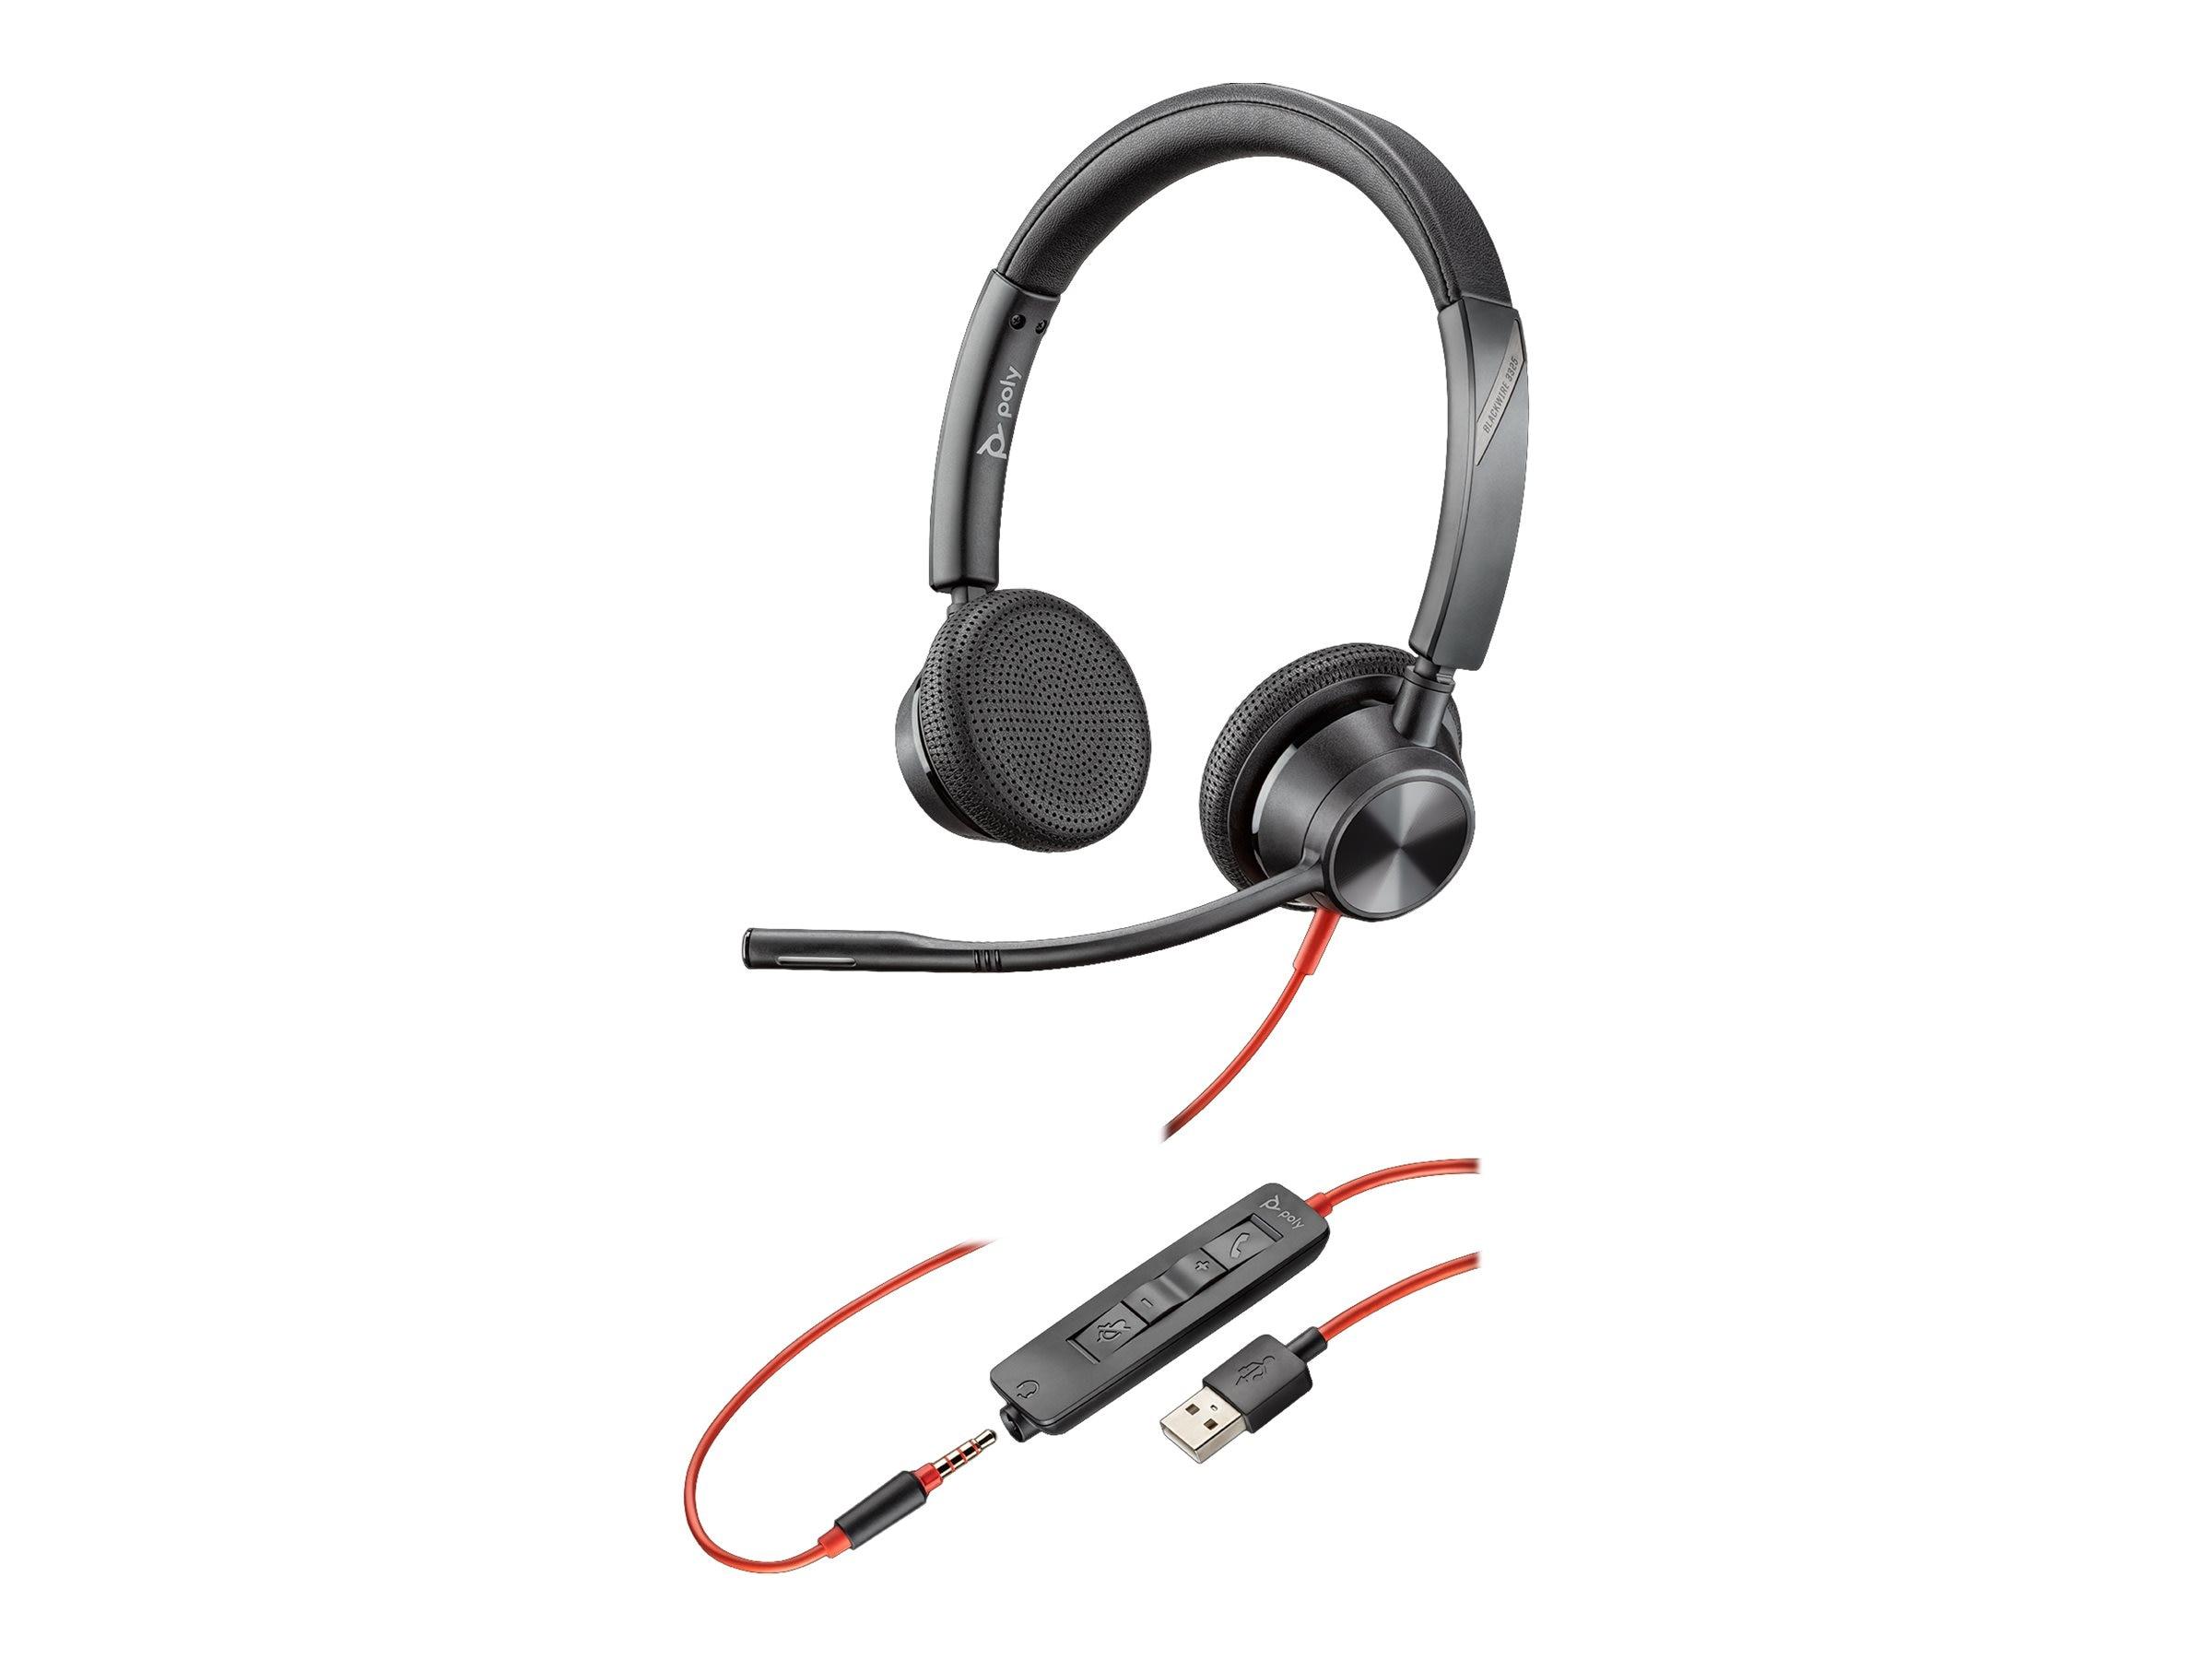 Plantronics Blackwire 3310